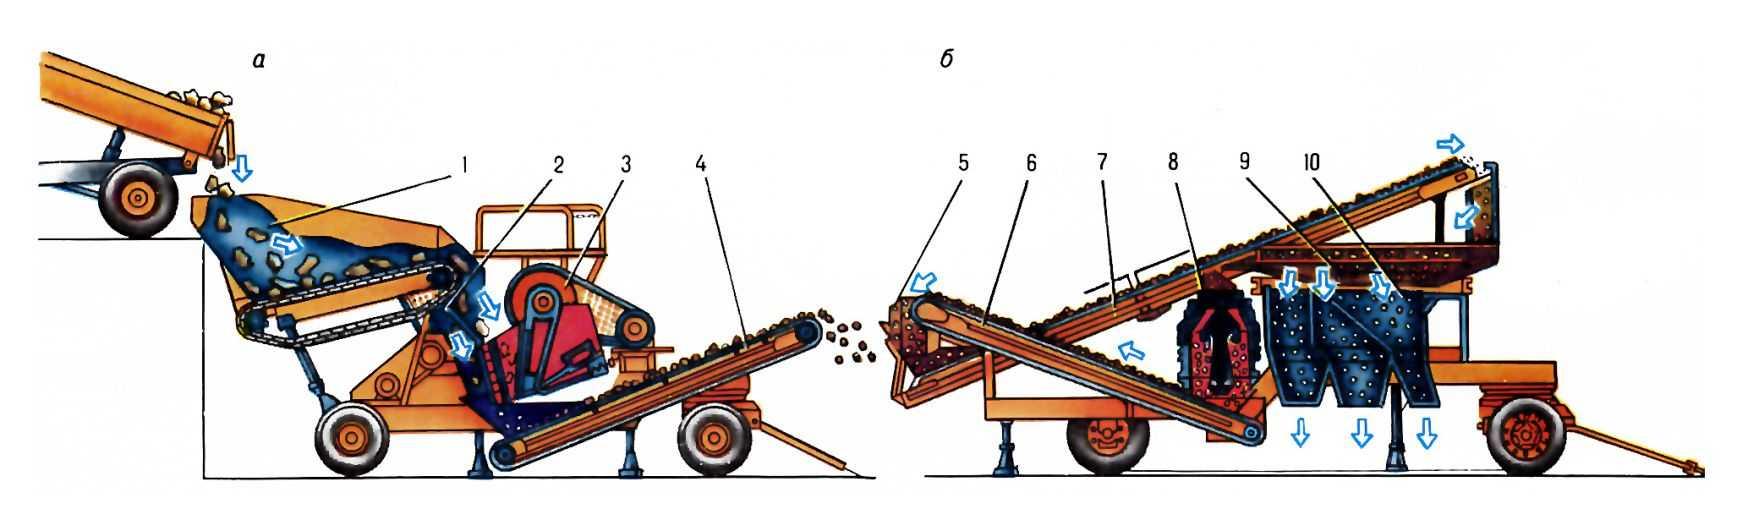 ДРОБИЛЬНО-СОРТИРОВОЧНАЯ УСТАНОВКА (а. crusher-grader; н. Brechund Siebanlage; ф. station broyage-echantillonage; и...